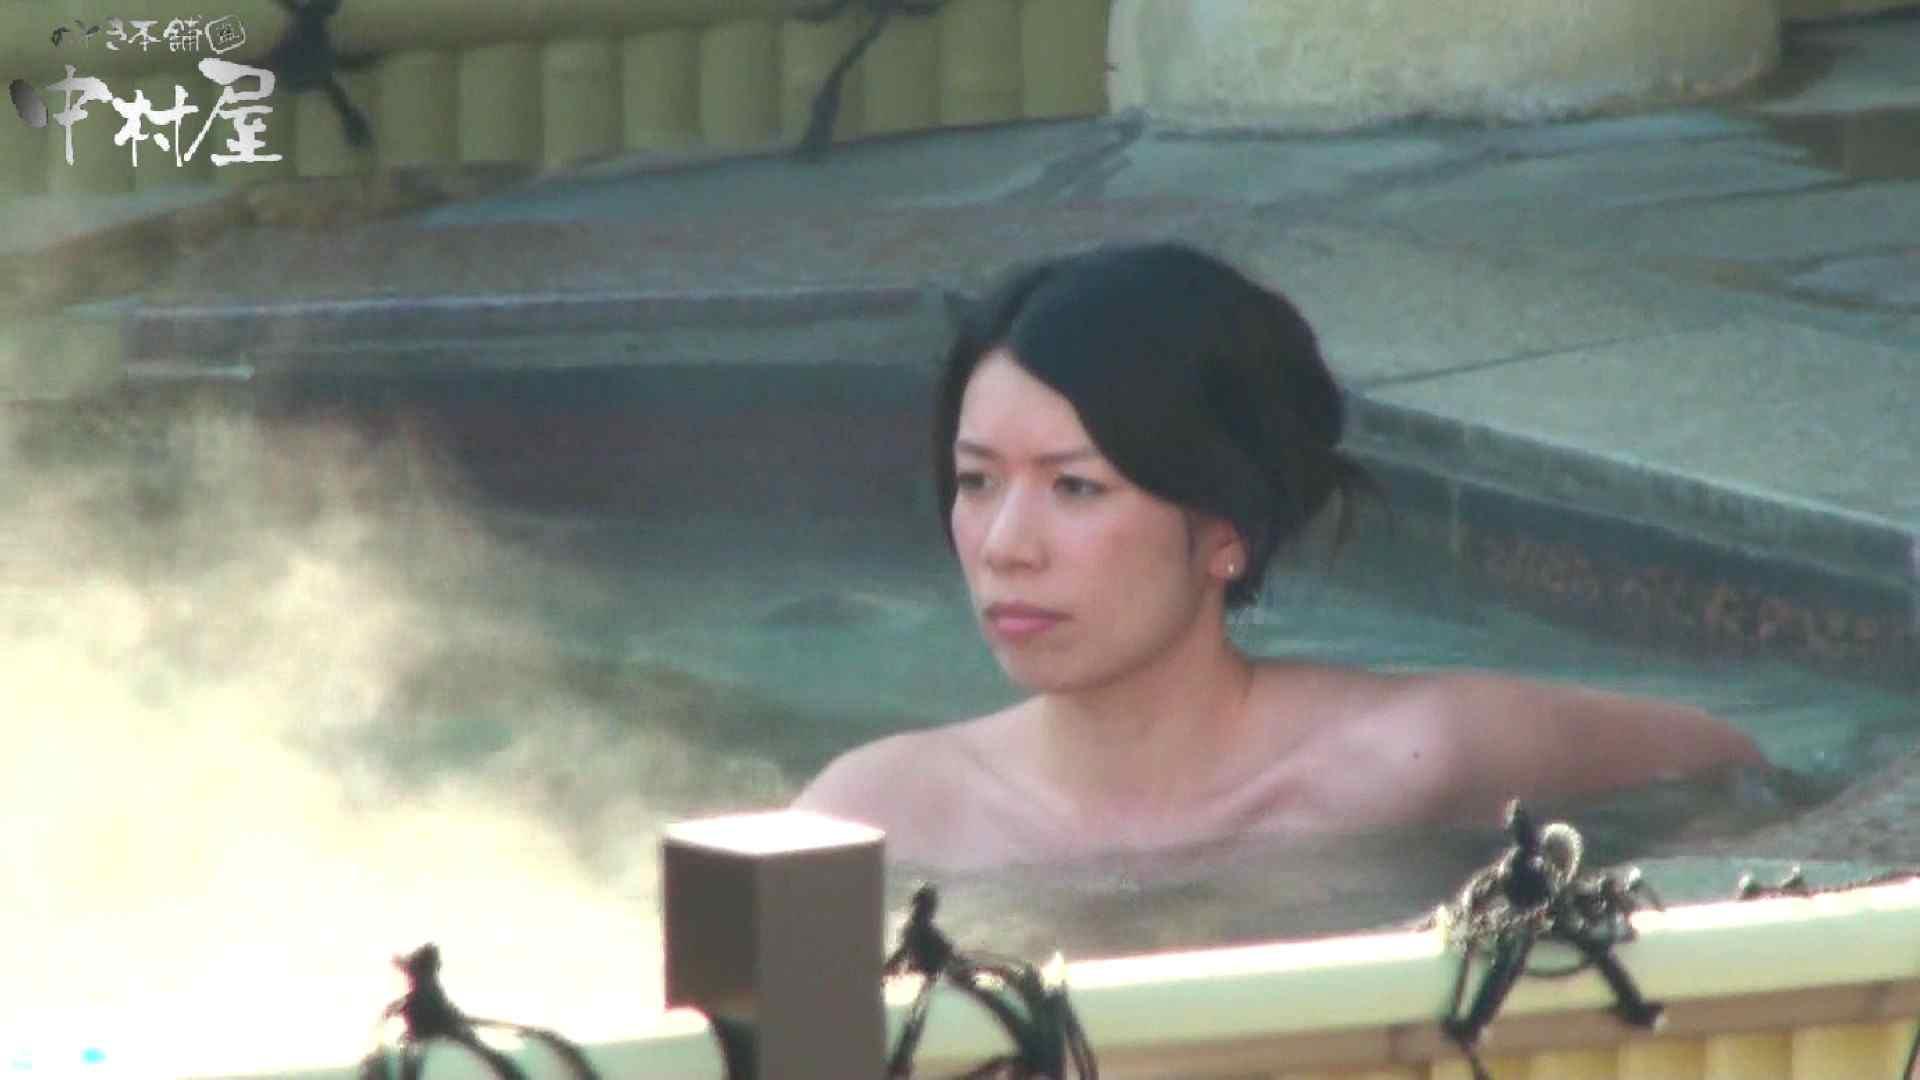 Aquaな露天風呂Vol.919 OLのエロ生活  91連発 57